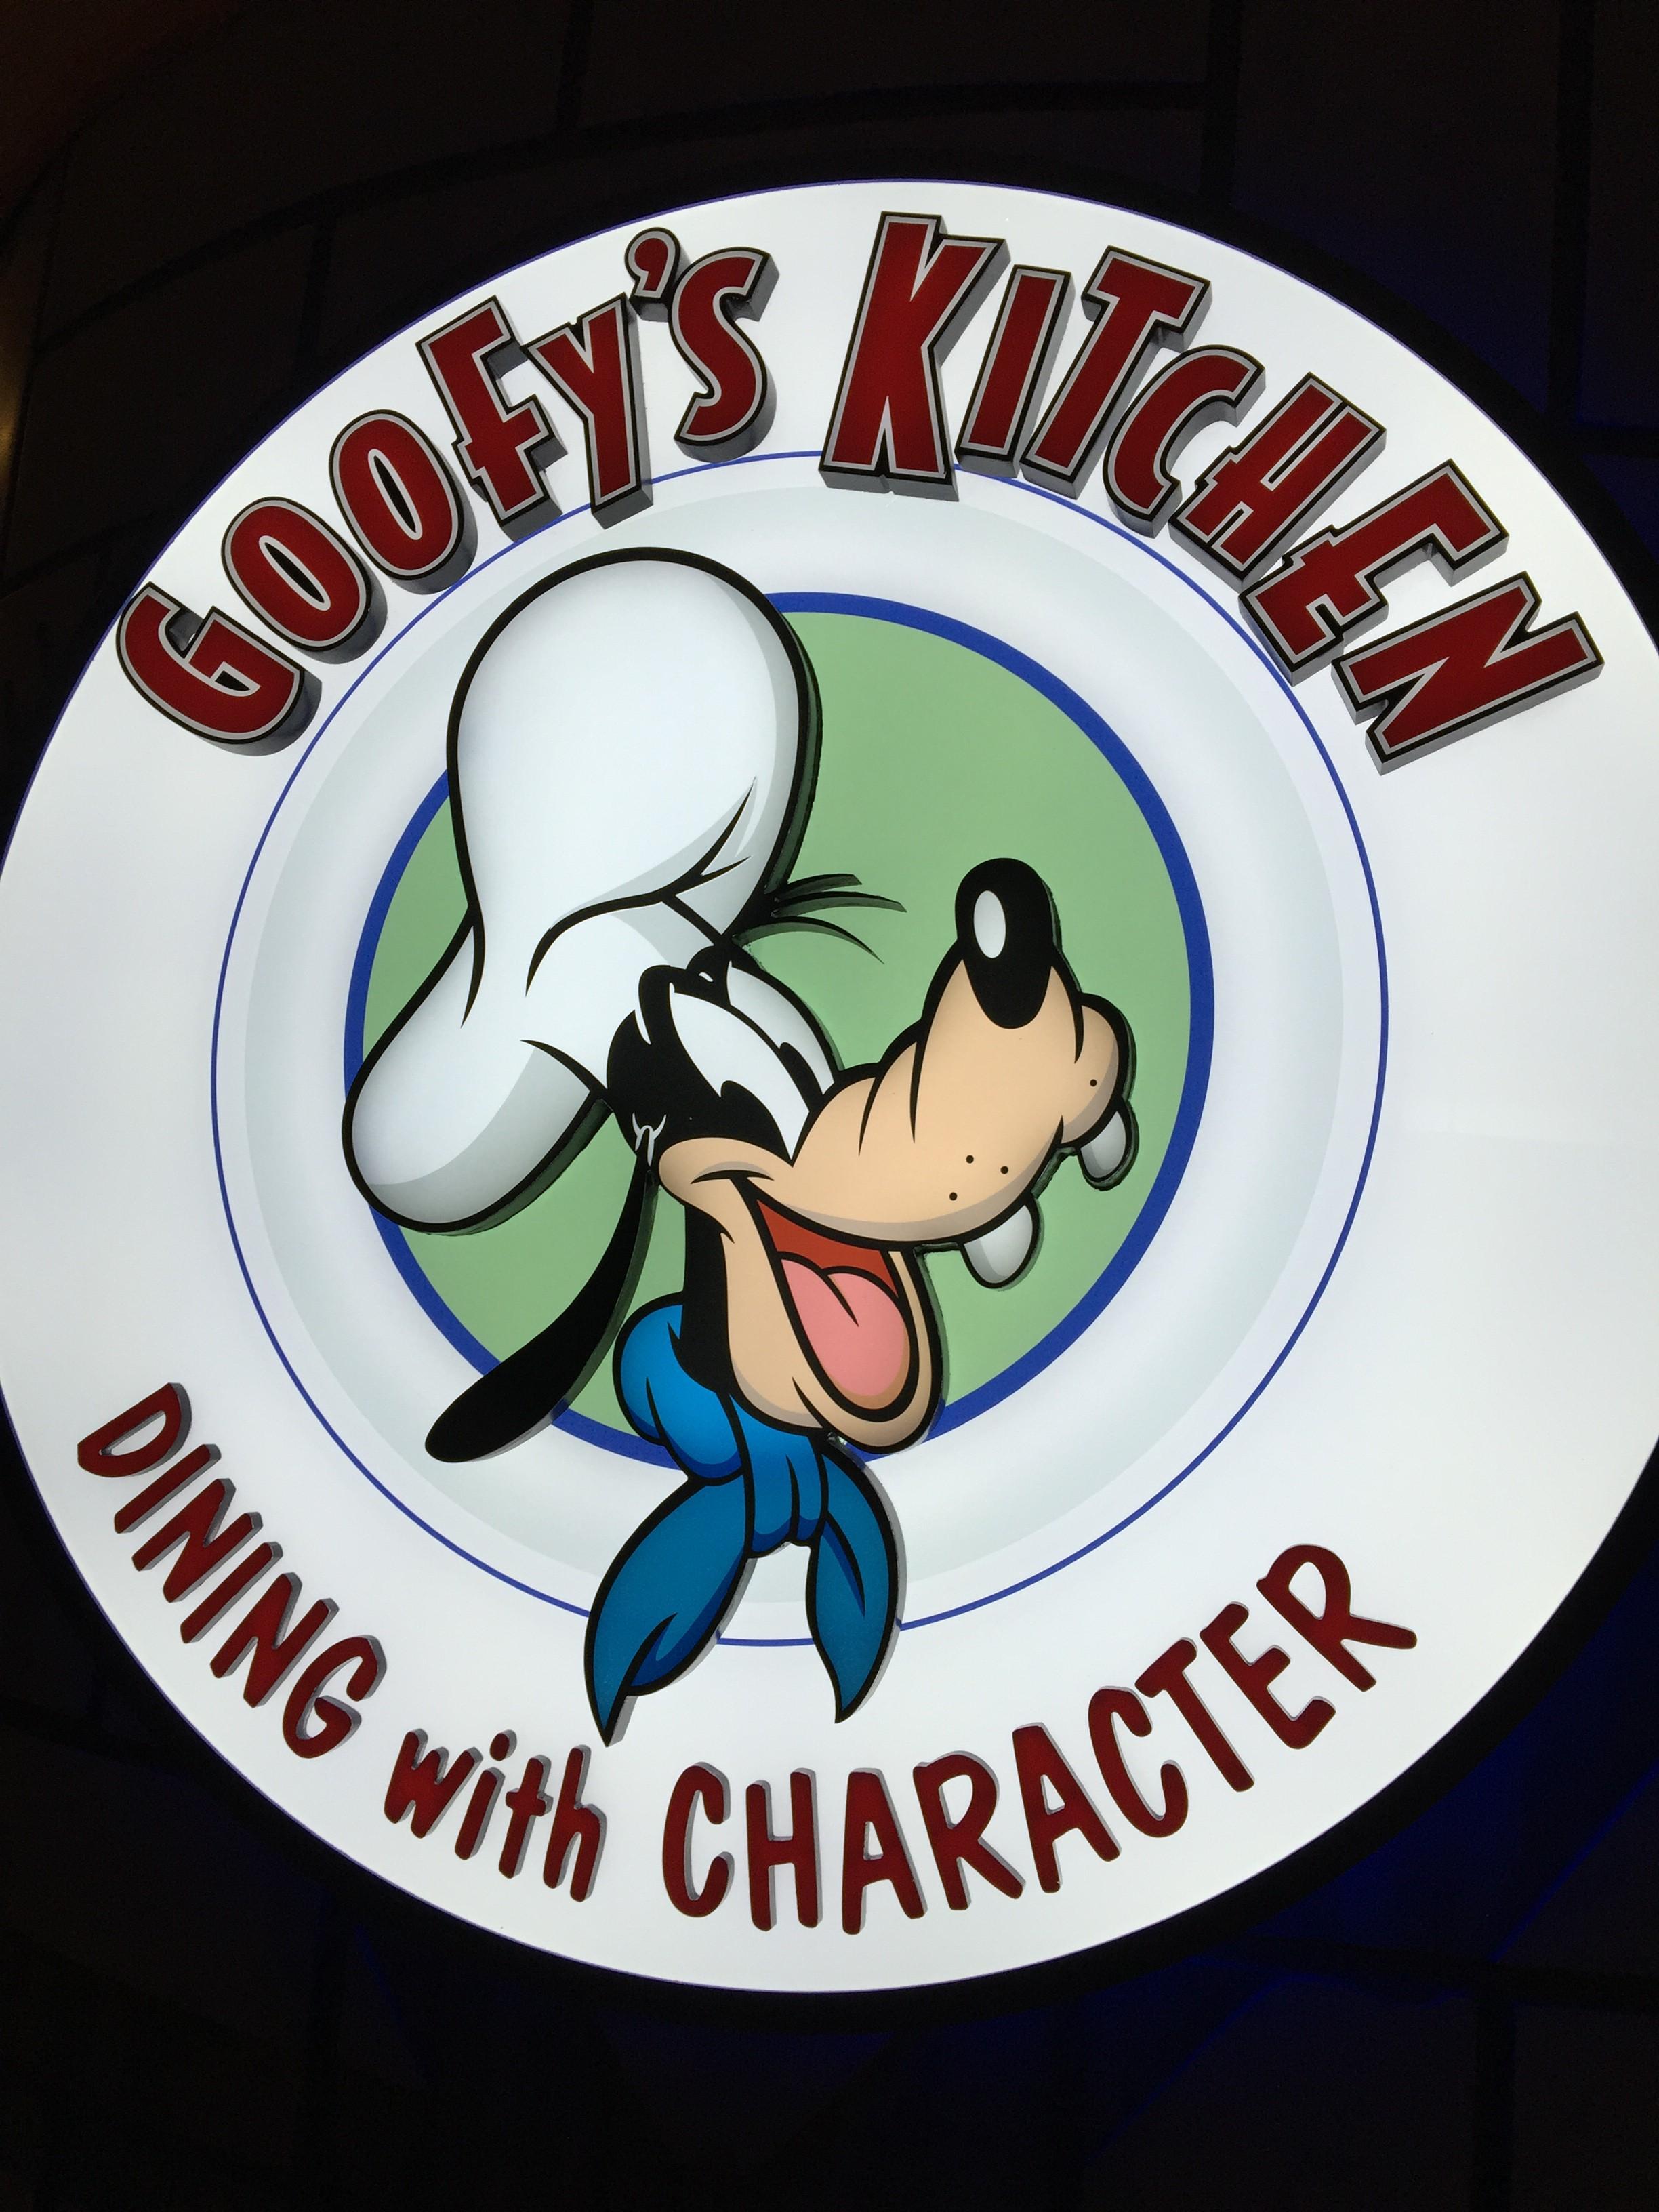 Disneyland Character Meals & Goofy's Kitchen